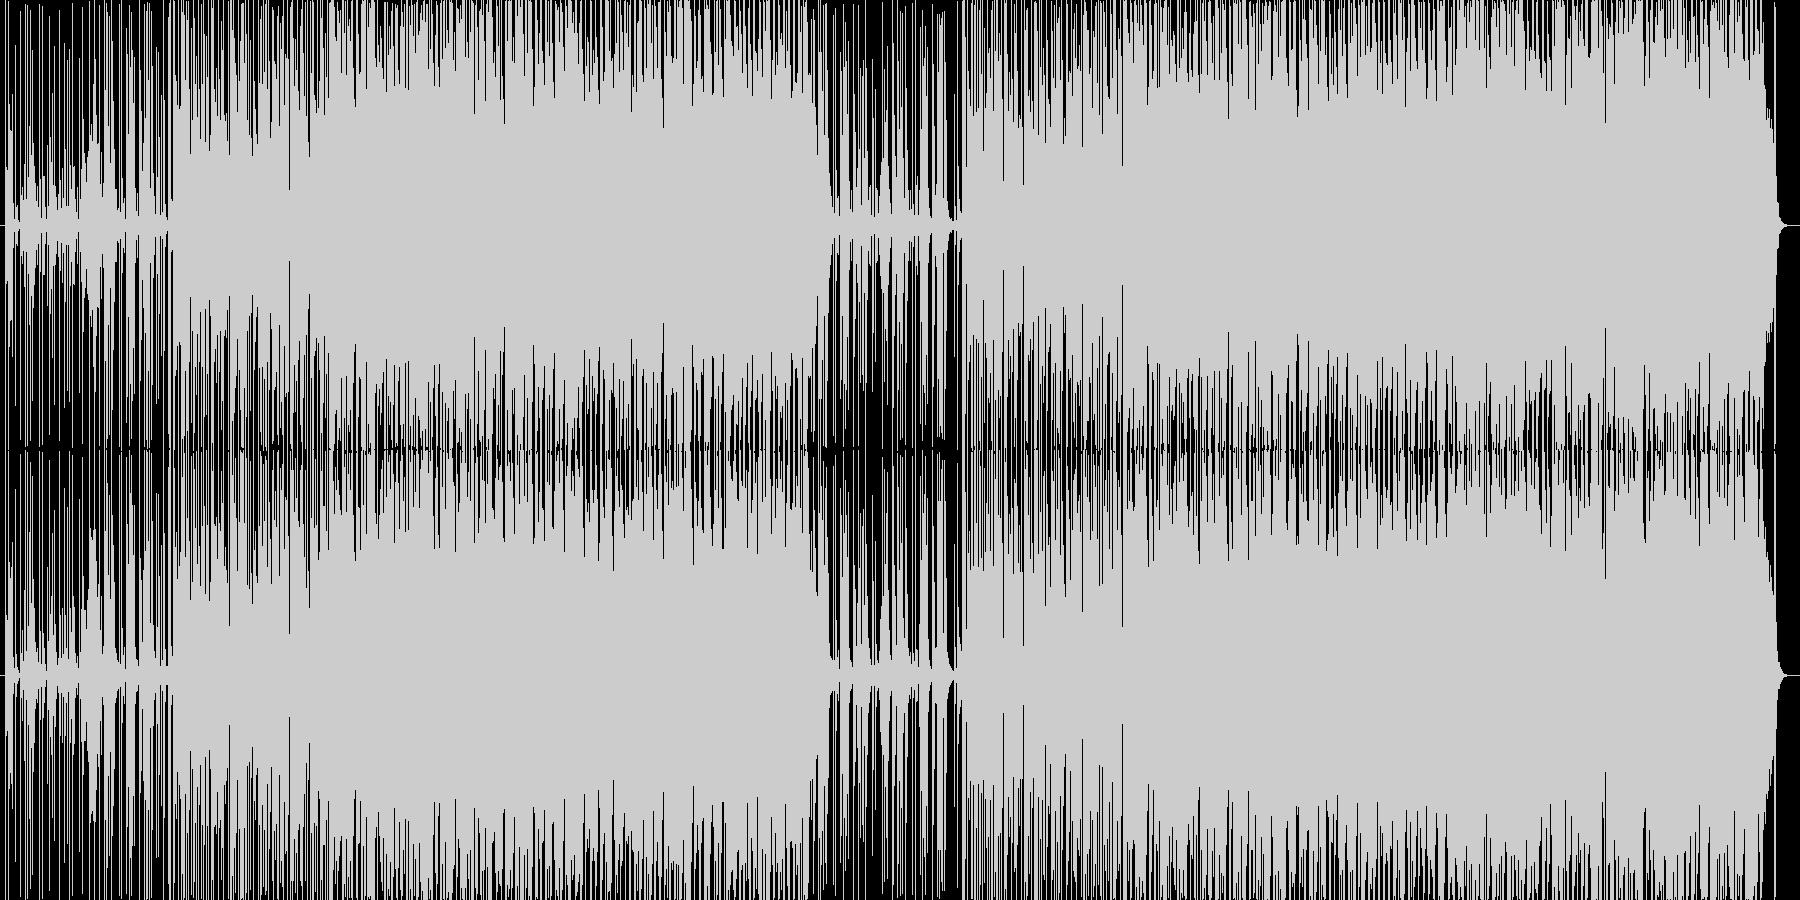 ほのぼのした日常系アコースティックロックの未再生の波形